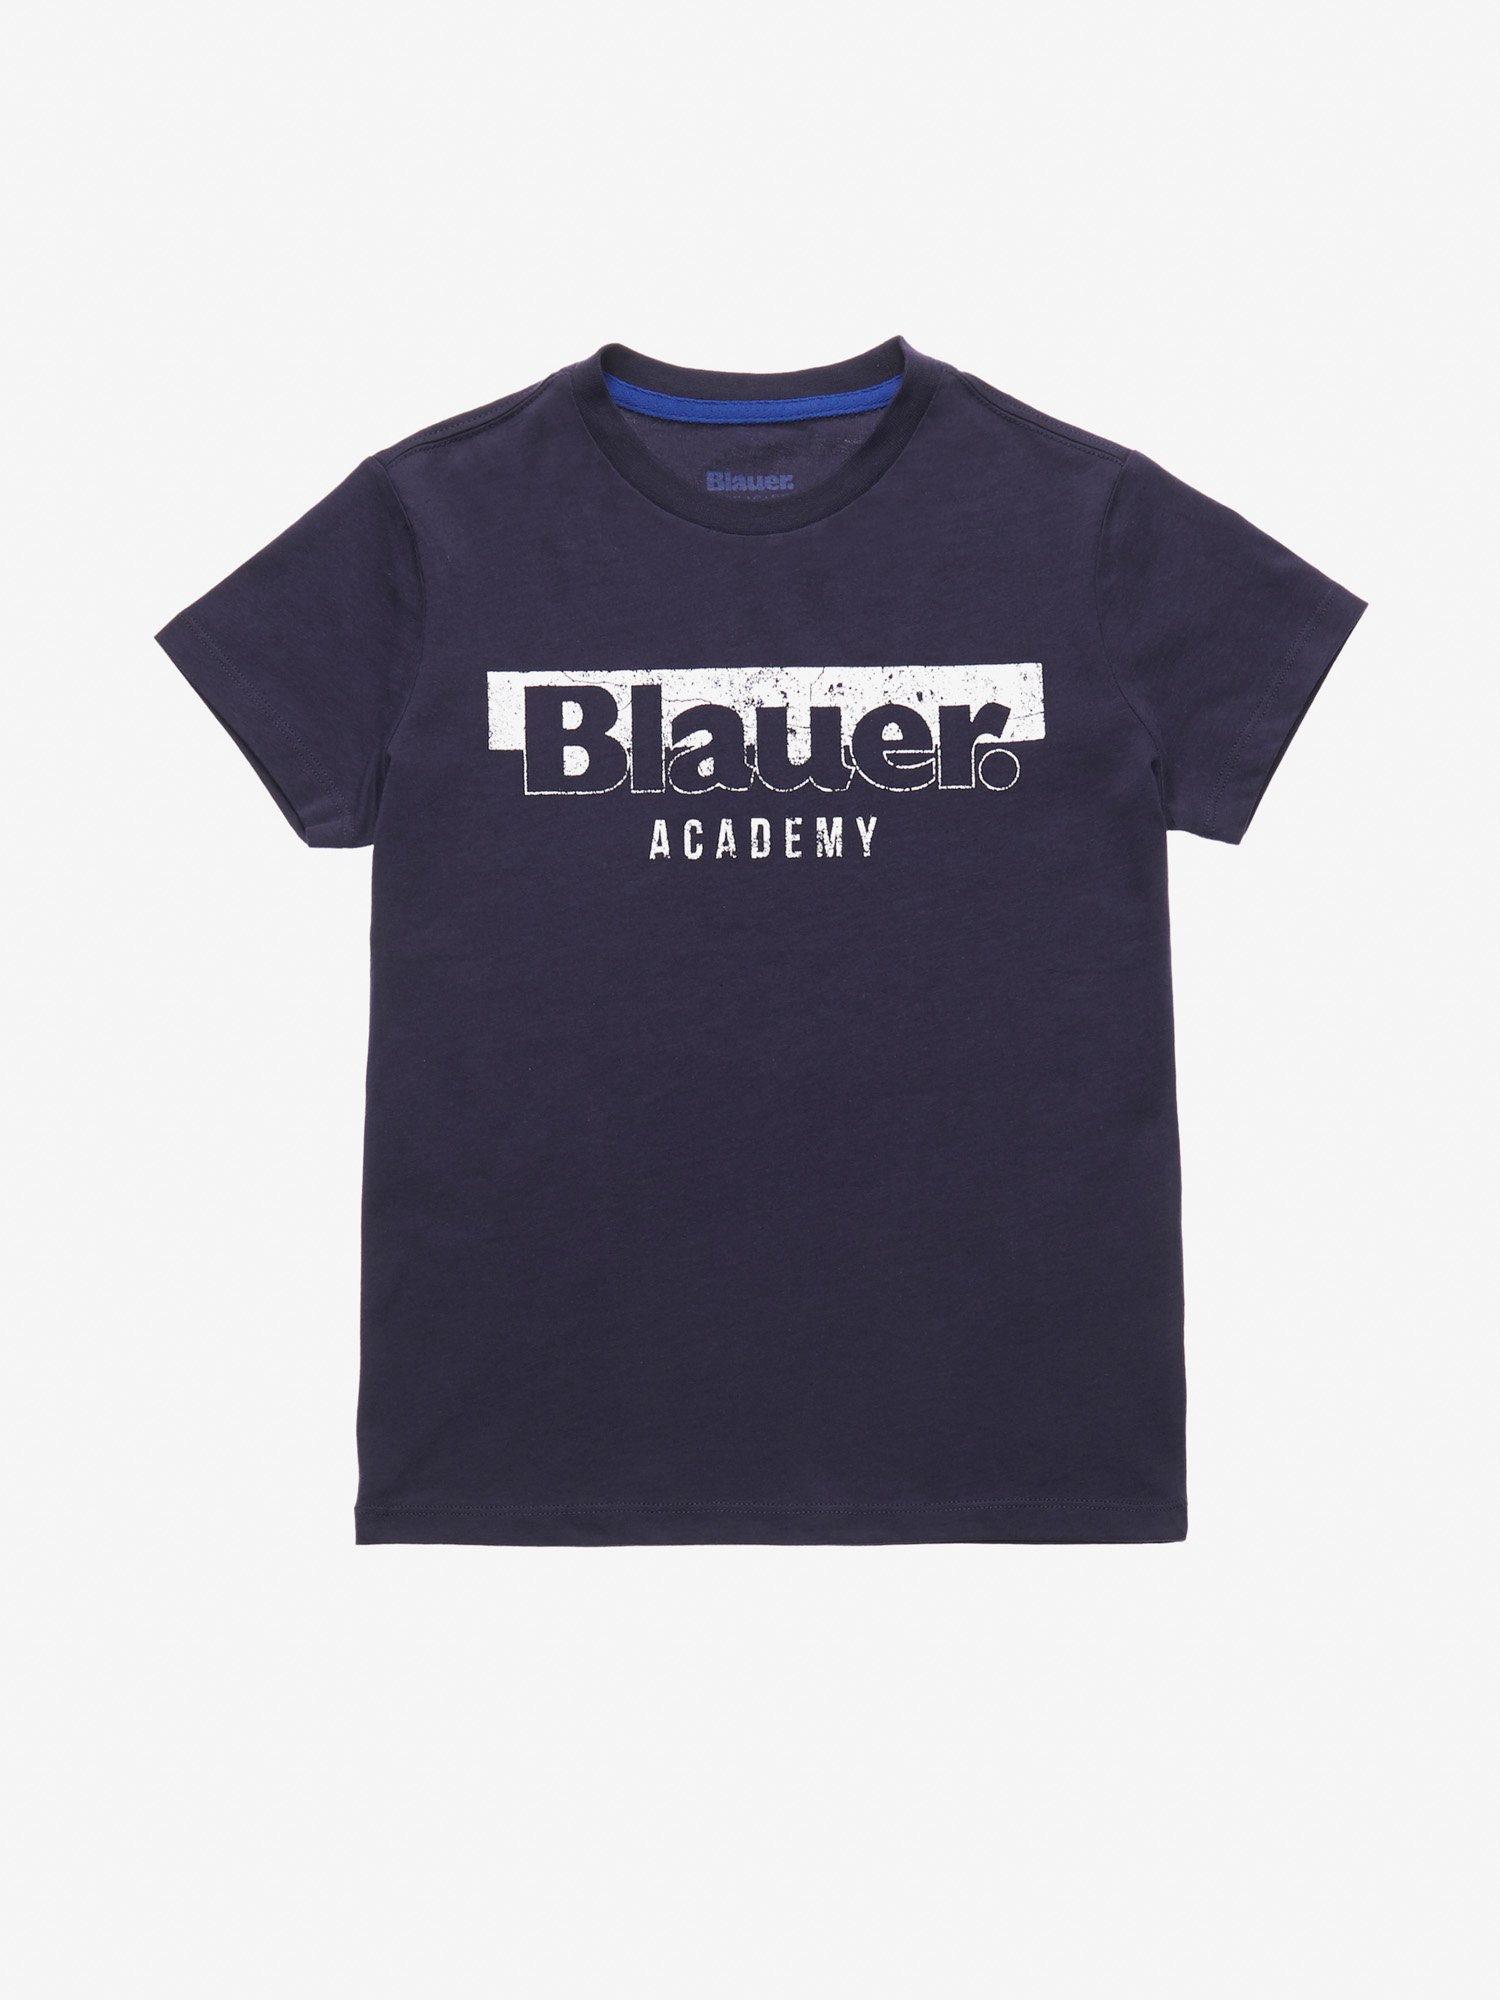 Blauer - T-SHIRT JUNIOR BLAUER ACADEMY - Blu - Blauer